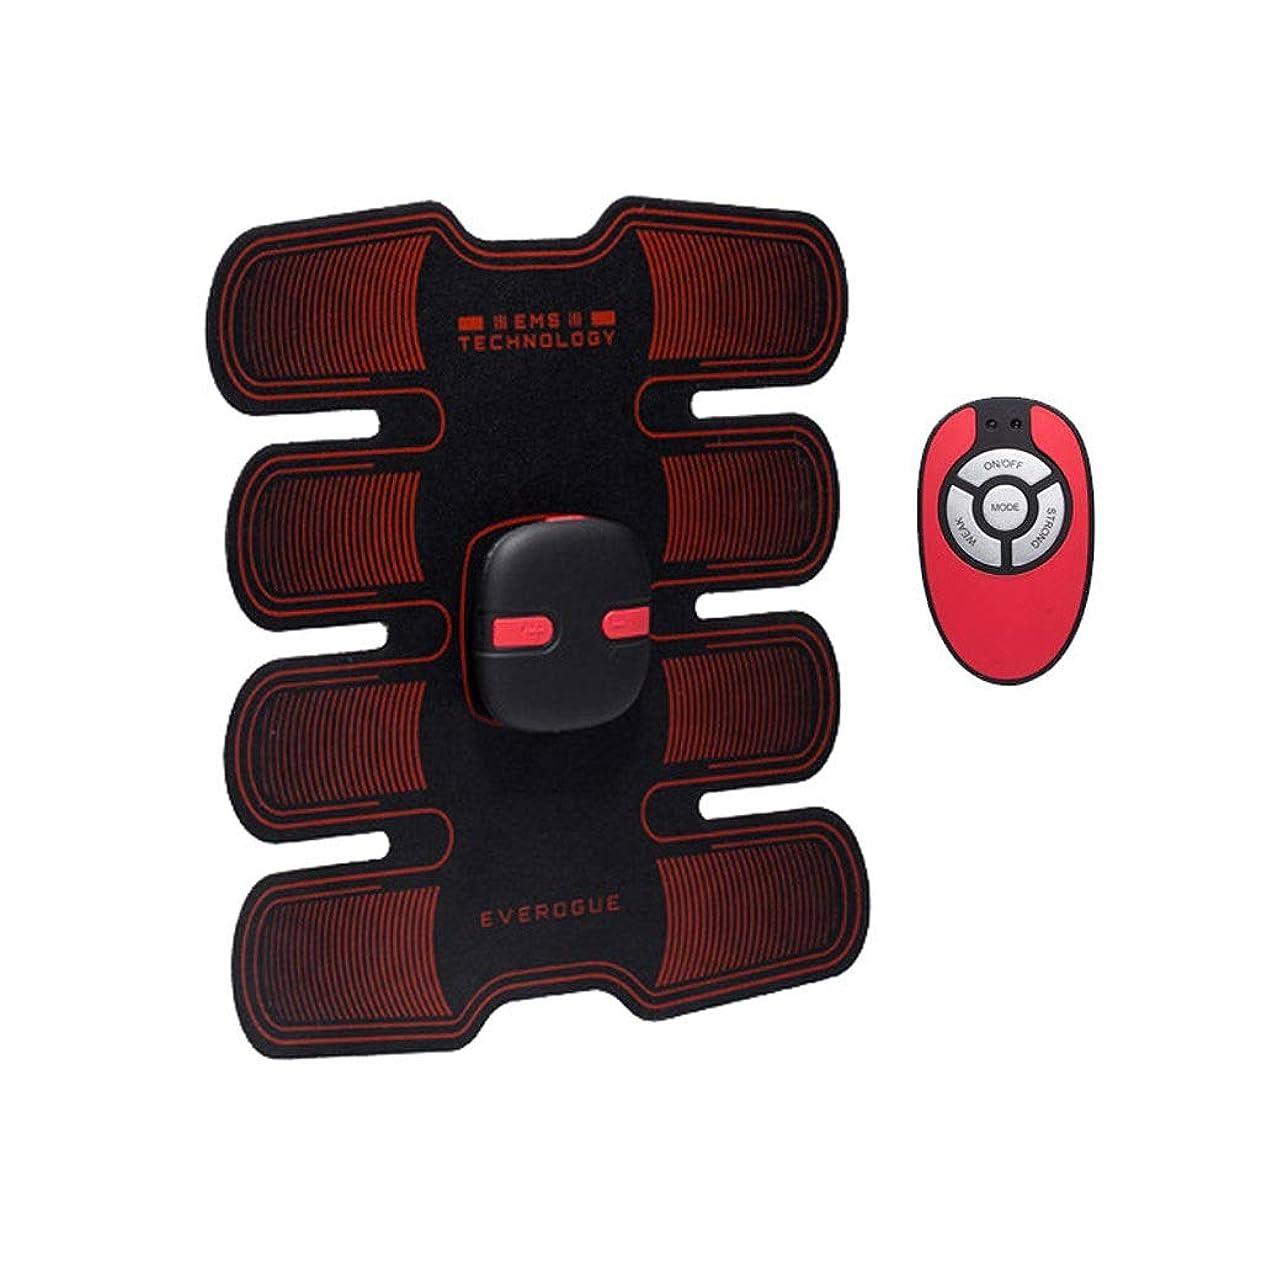 毒小麦補助フィットネストレーニングギア、リモコン付きEMS筋肉刺激装置USB充電式究極の腹部刺激装置 - 男性用女性用筋肉トナー (Size : A)